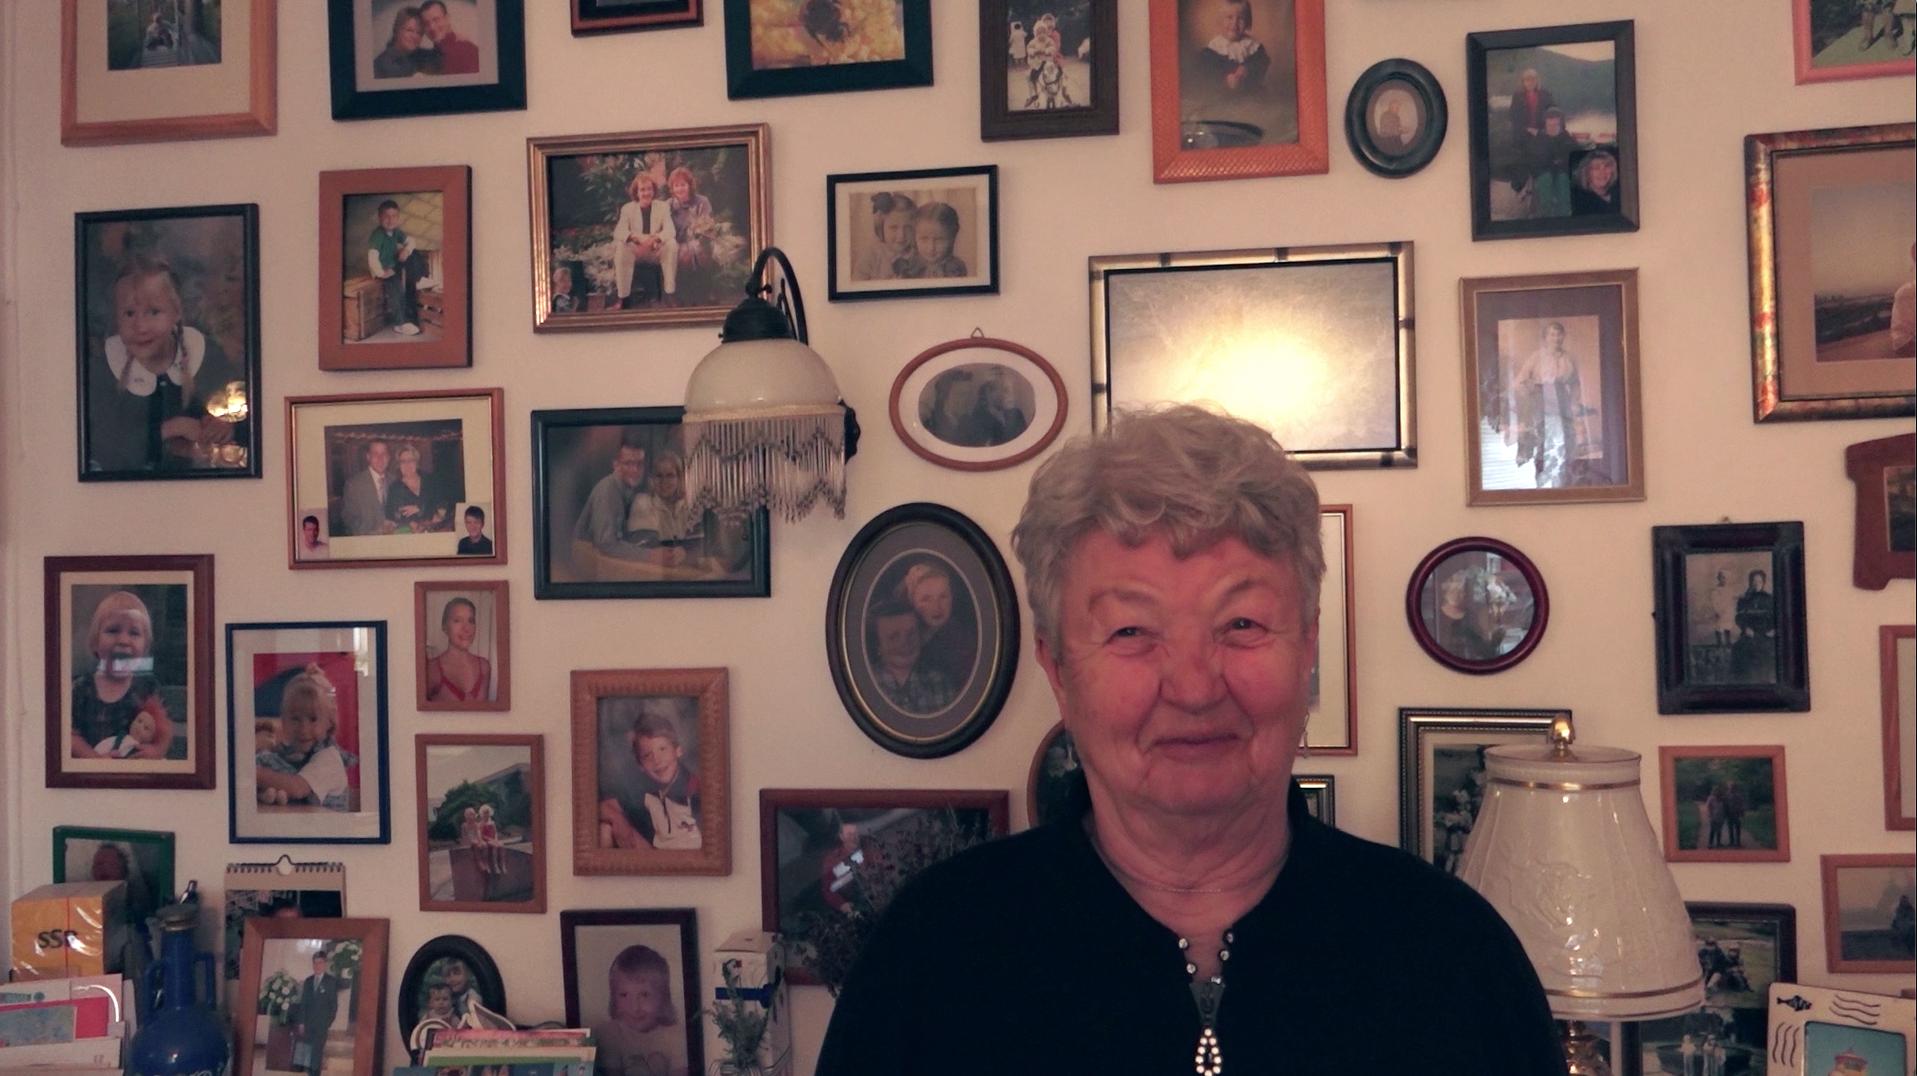 Seniorin vor Wand mit gerahmten Fotos